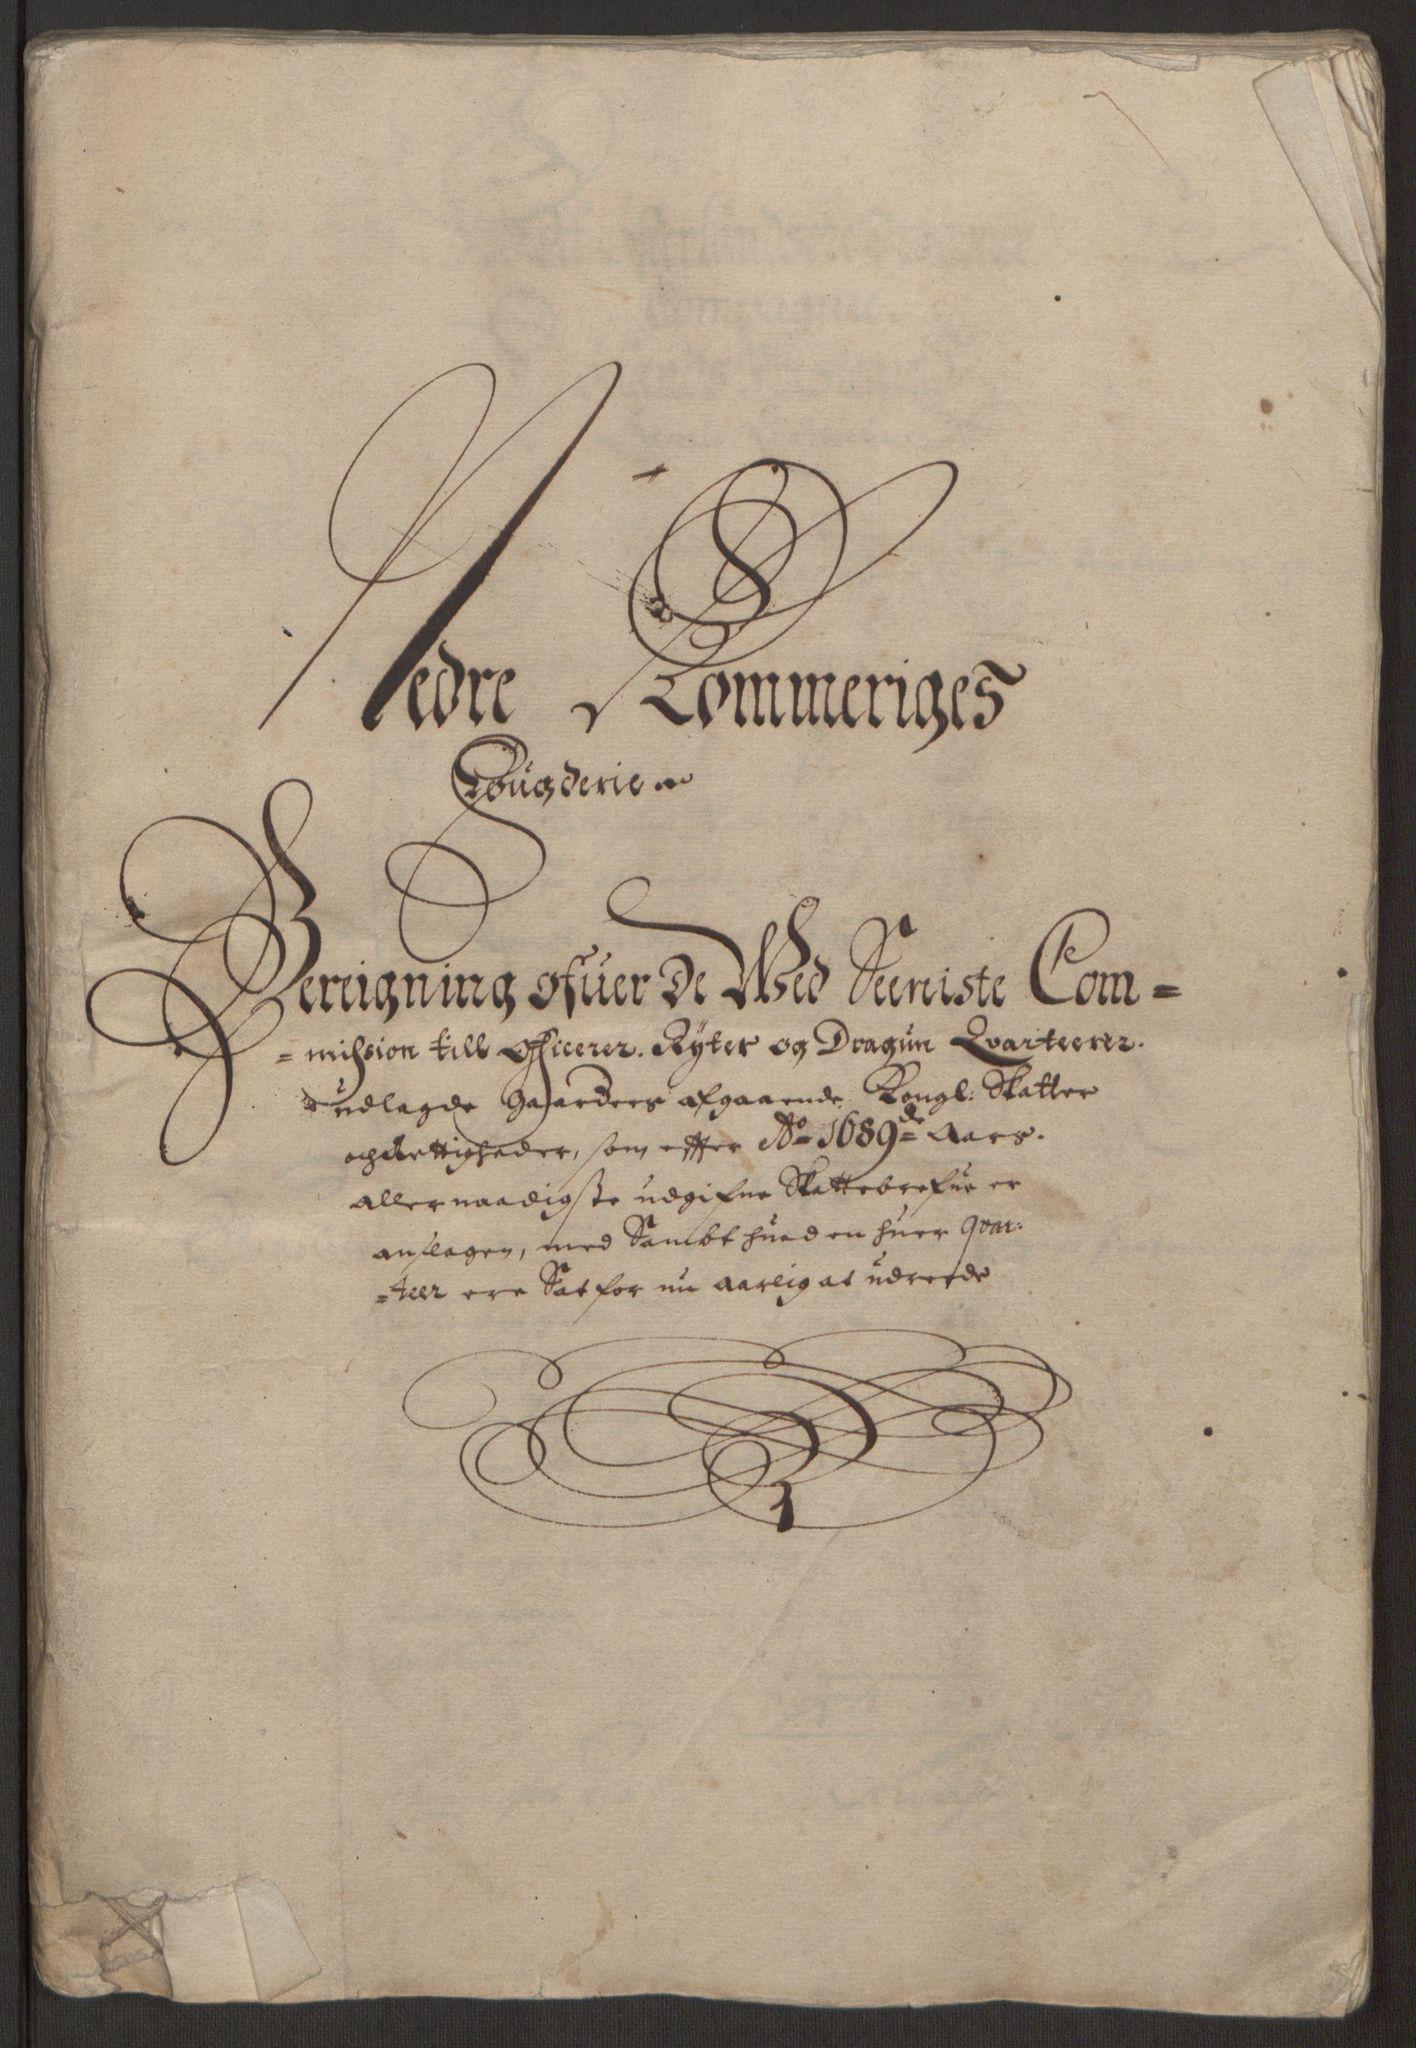 RA, Rentekammeret inntil 1814, Reviderte regnskaper, Fogderegnskap, R11/L0575: Fogderegnskap Nedre Romerike, 1691, s. 219